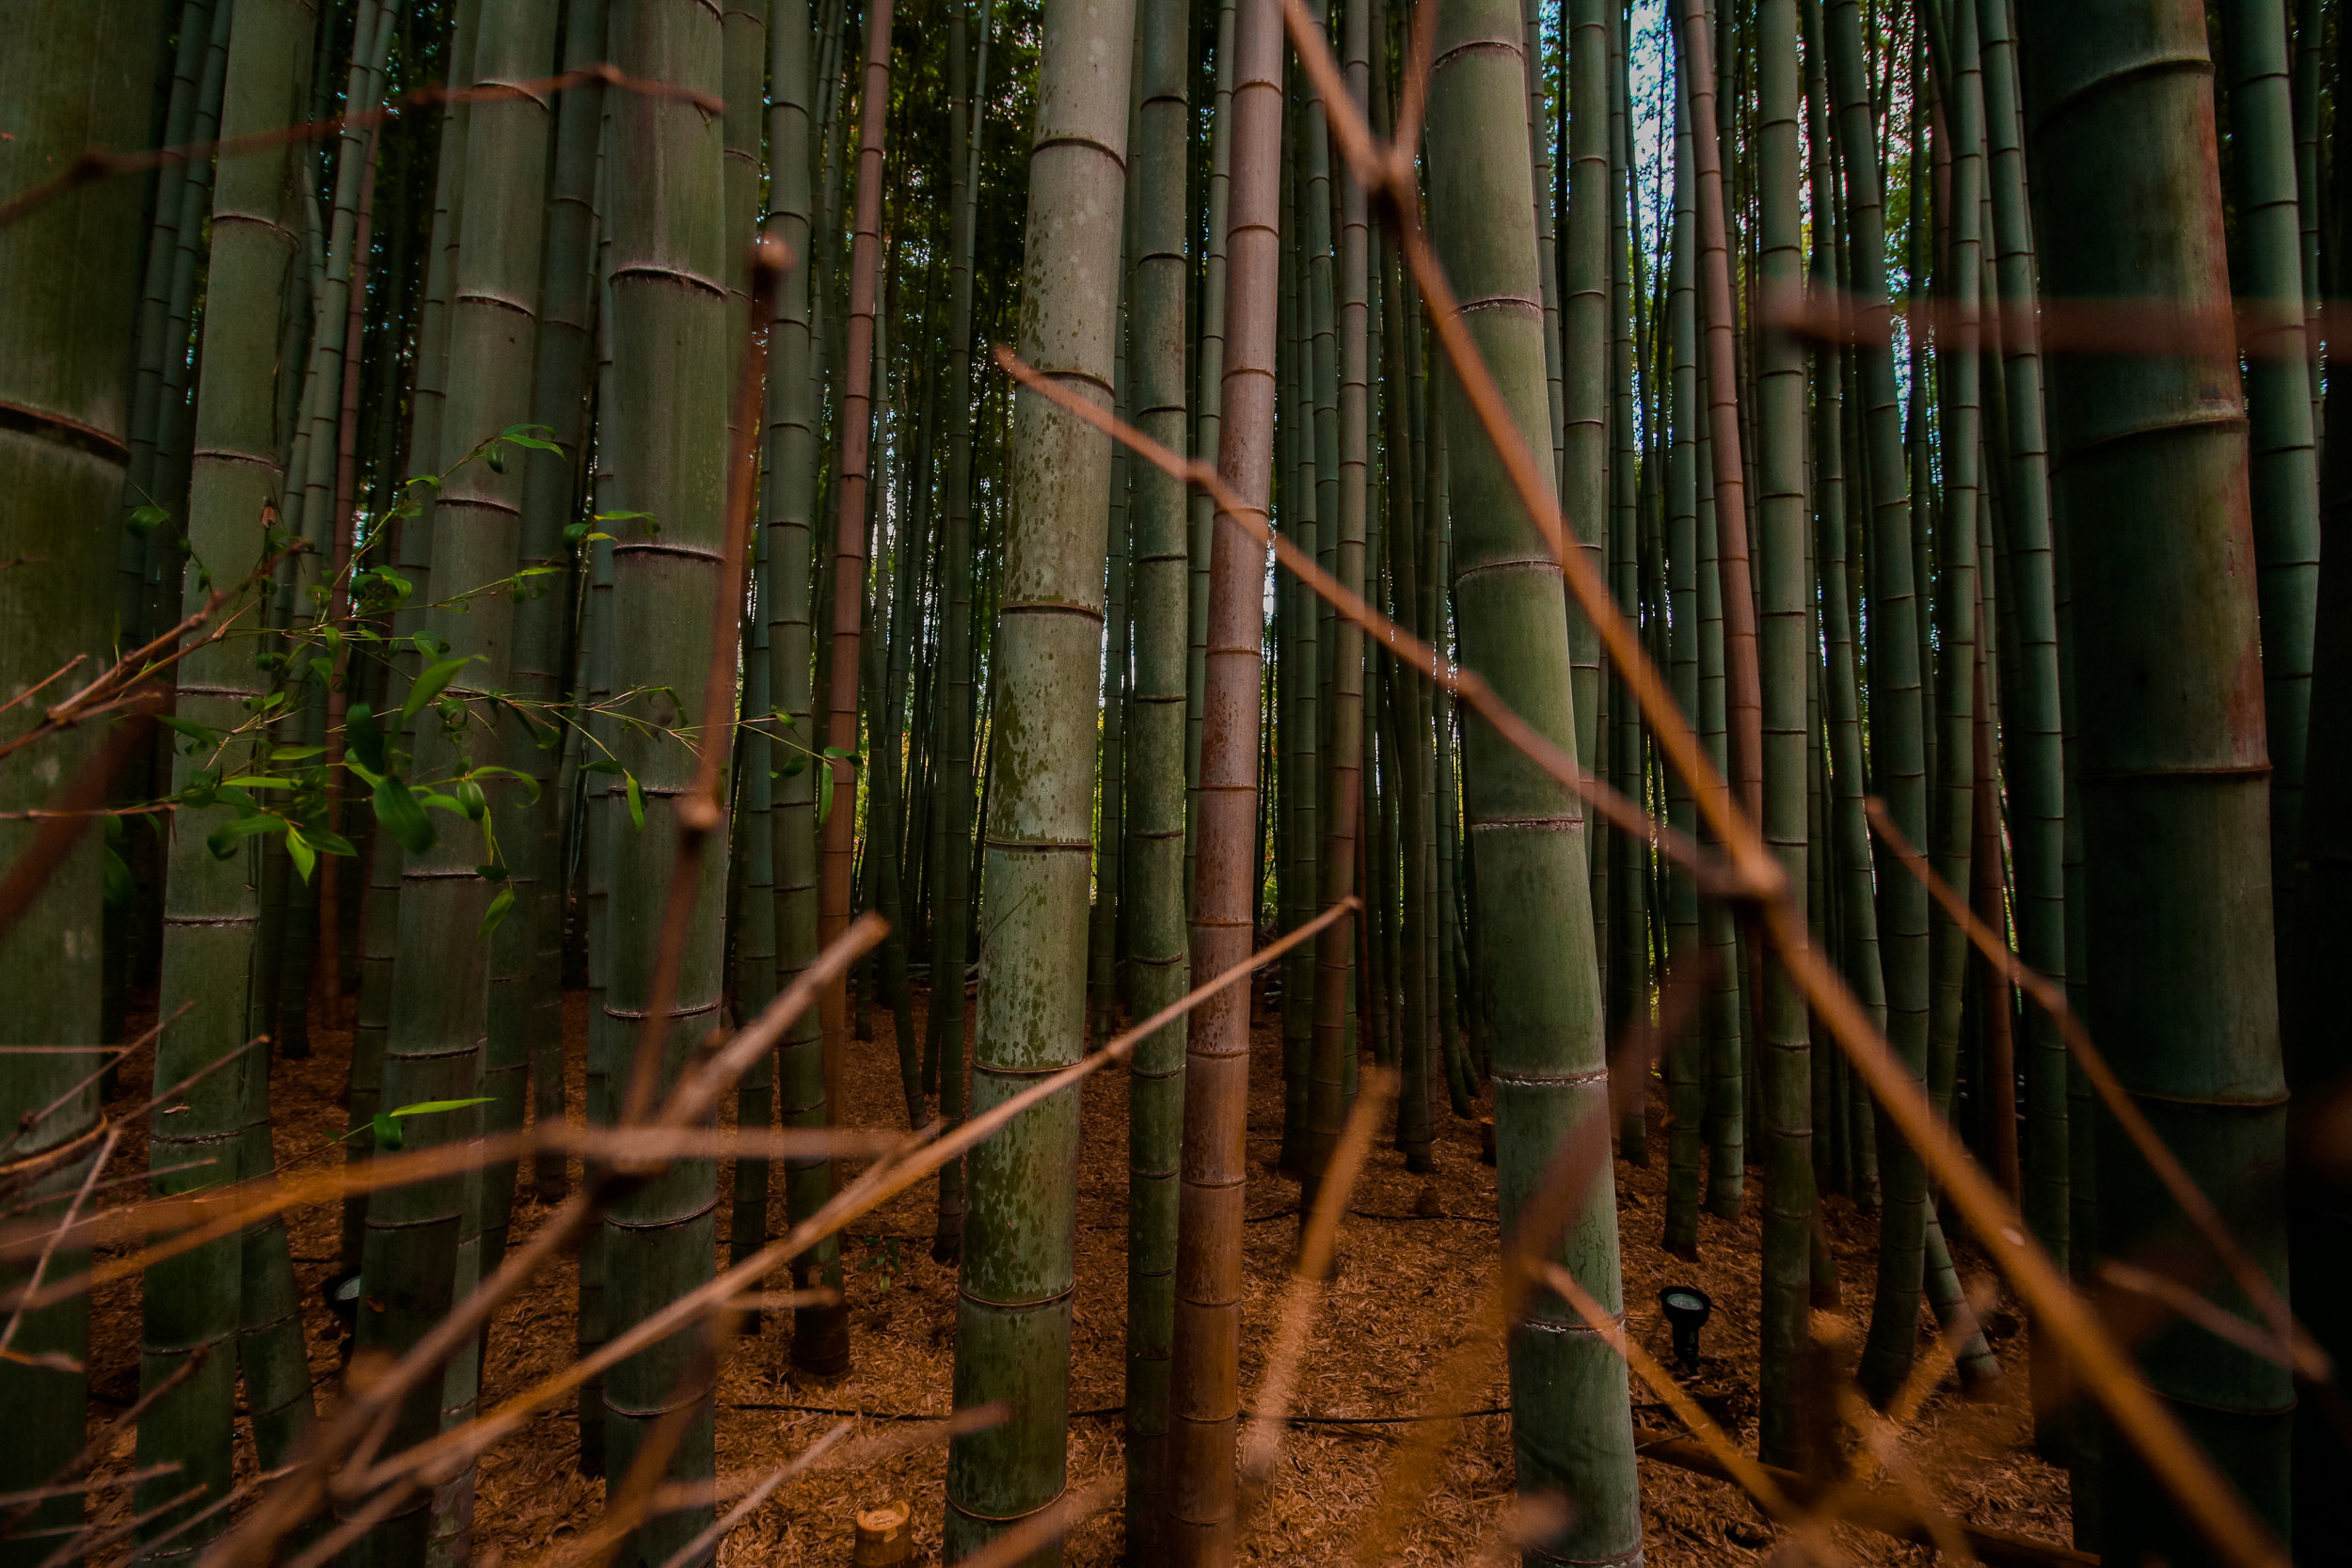 Bamboo-Lyocell